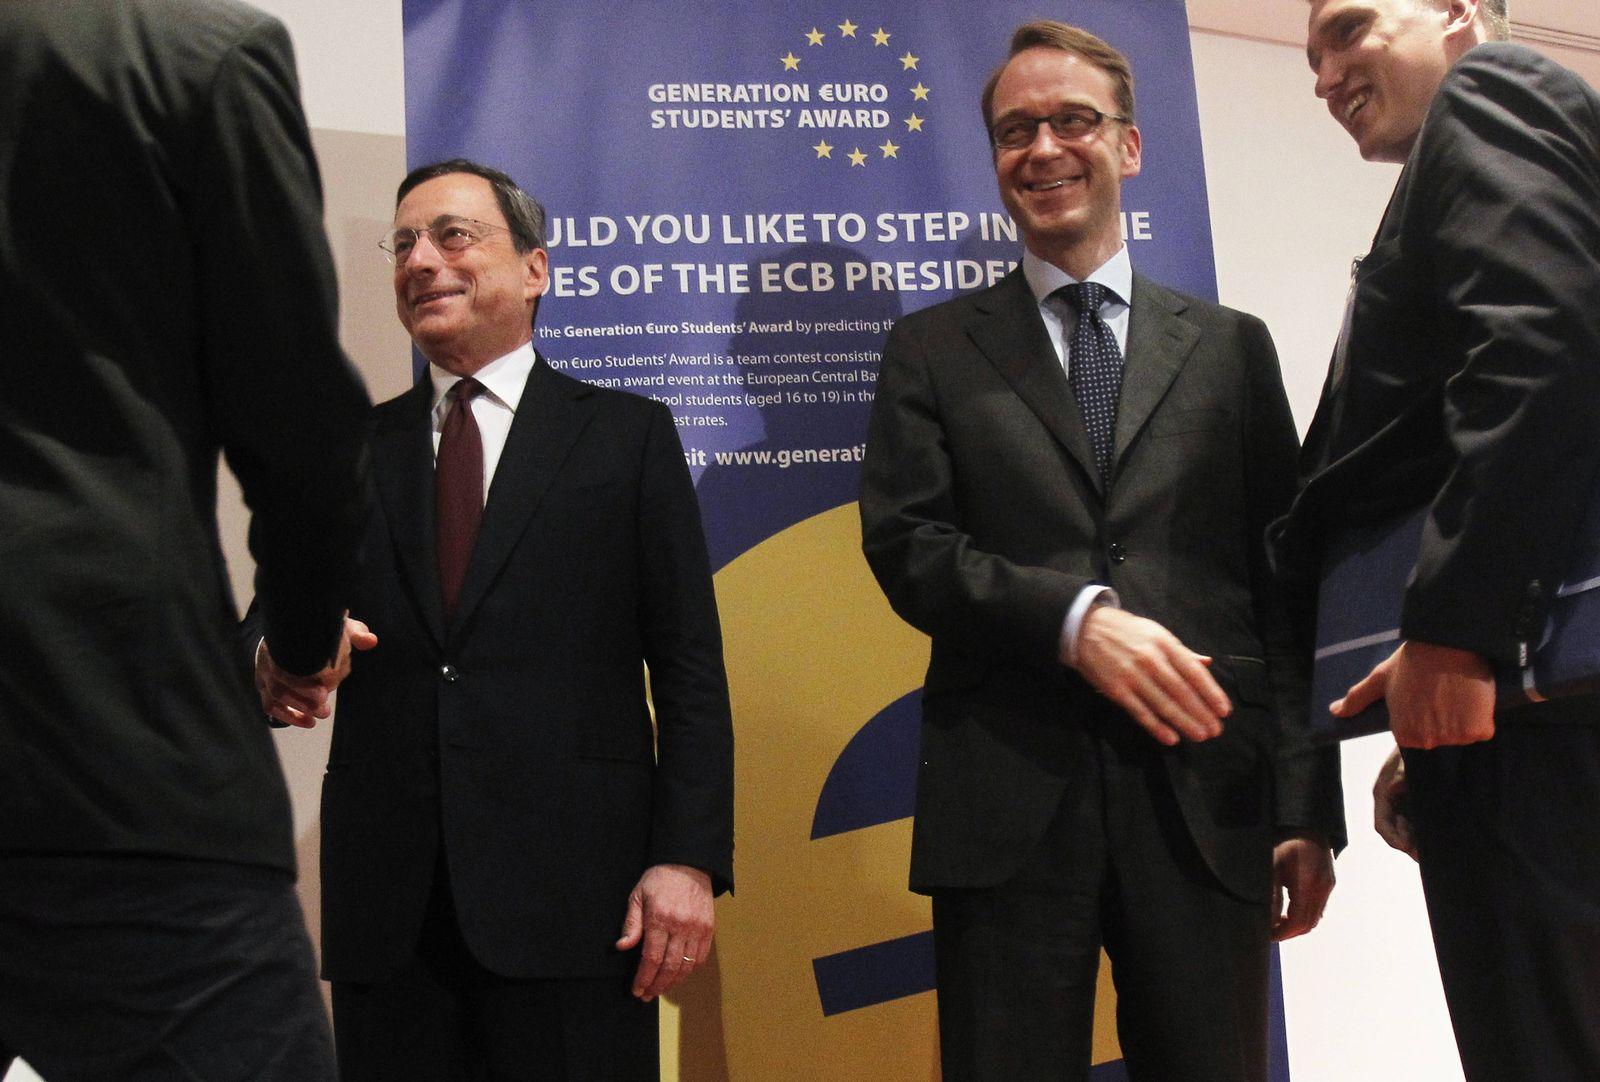 Draghi / Weidmann / Bundesbank / EZB